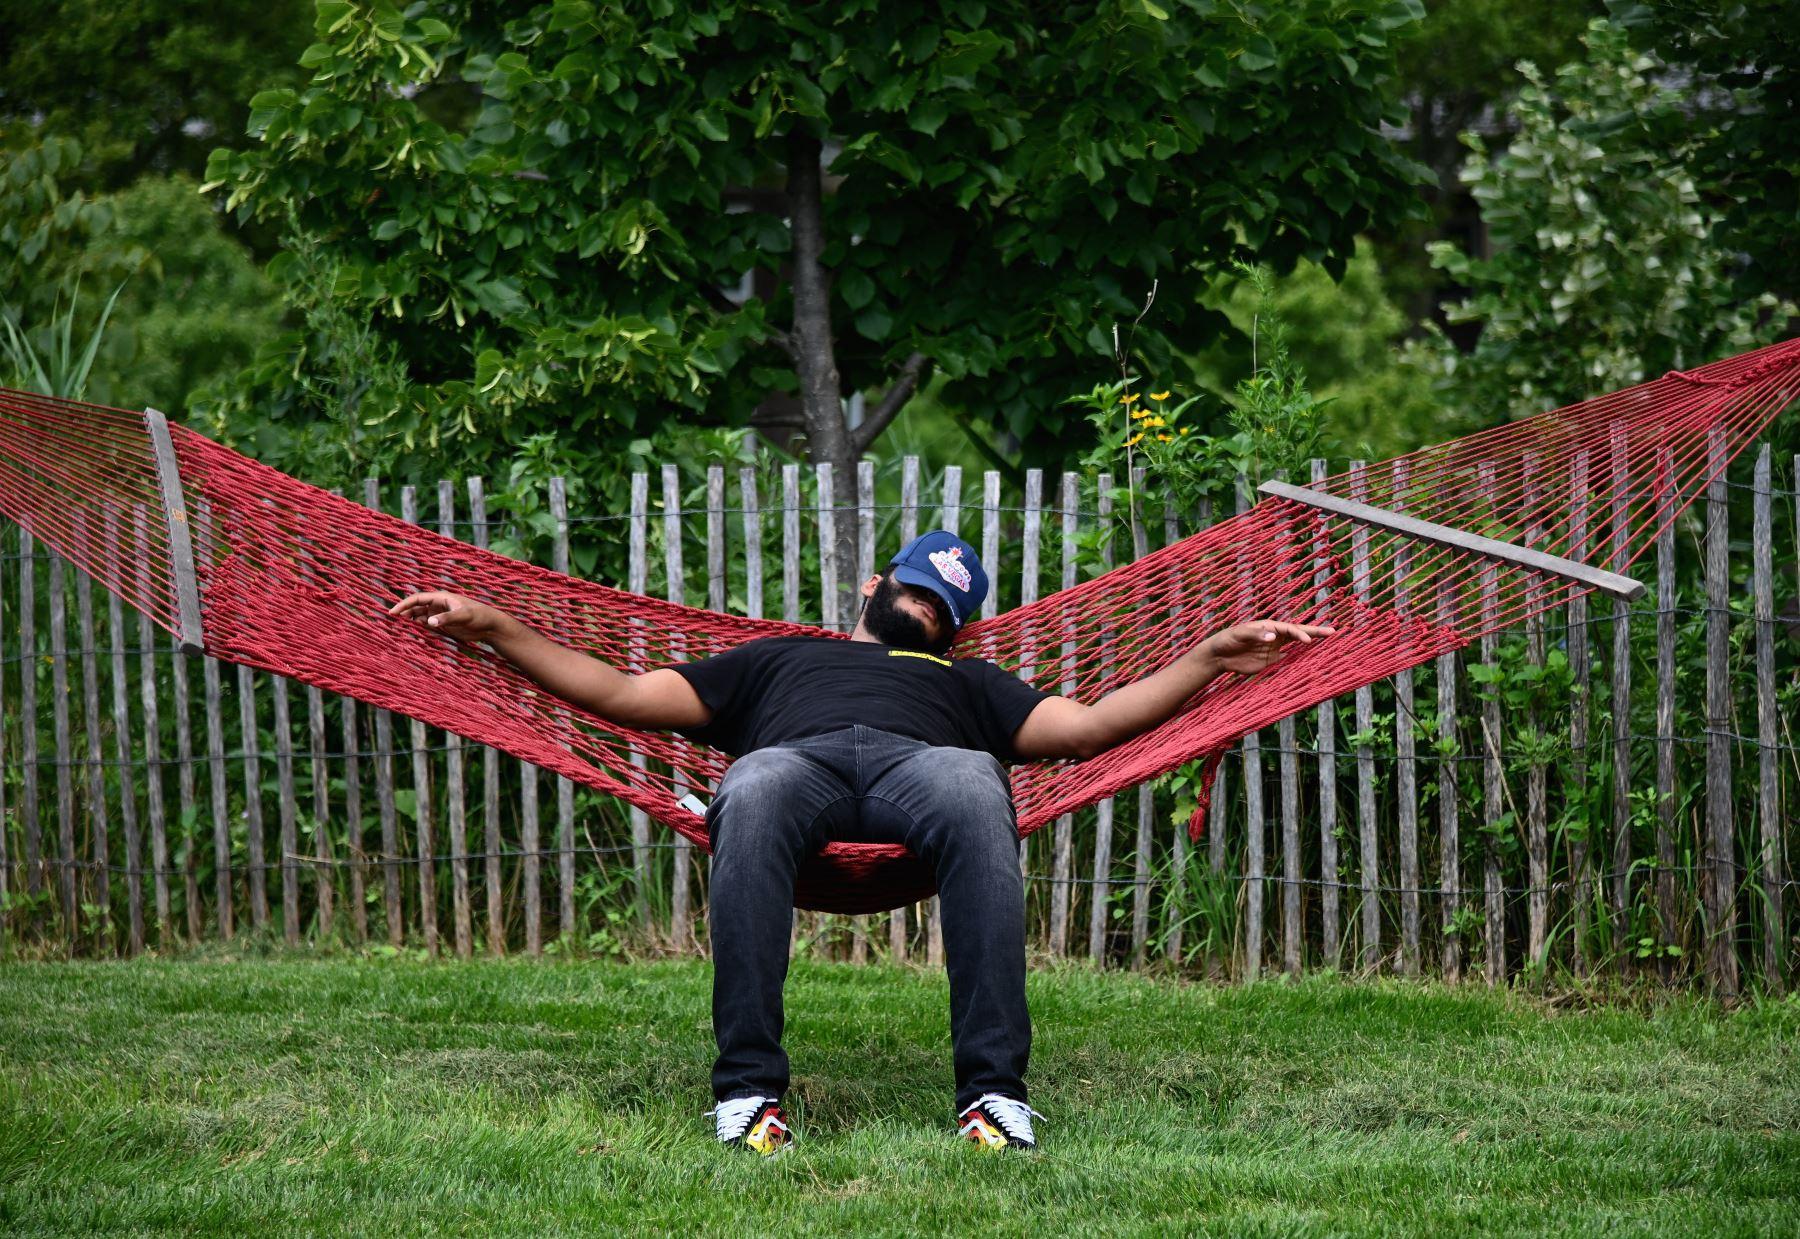 """El sedentarismo también tiene efectos sobre el covid-19, pues las personas inactivas y las que sufren enfermedades no transmisibles """"tienen muchas más posibilidades de ser hospitalizadas o morir"""" si se infectan. Foto: AFP."""